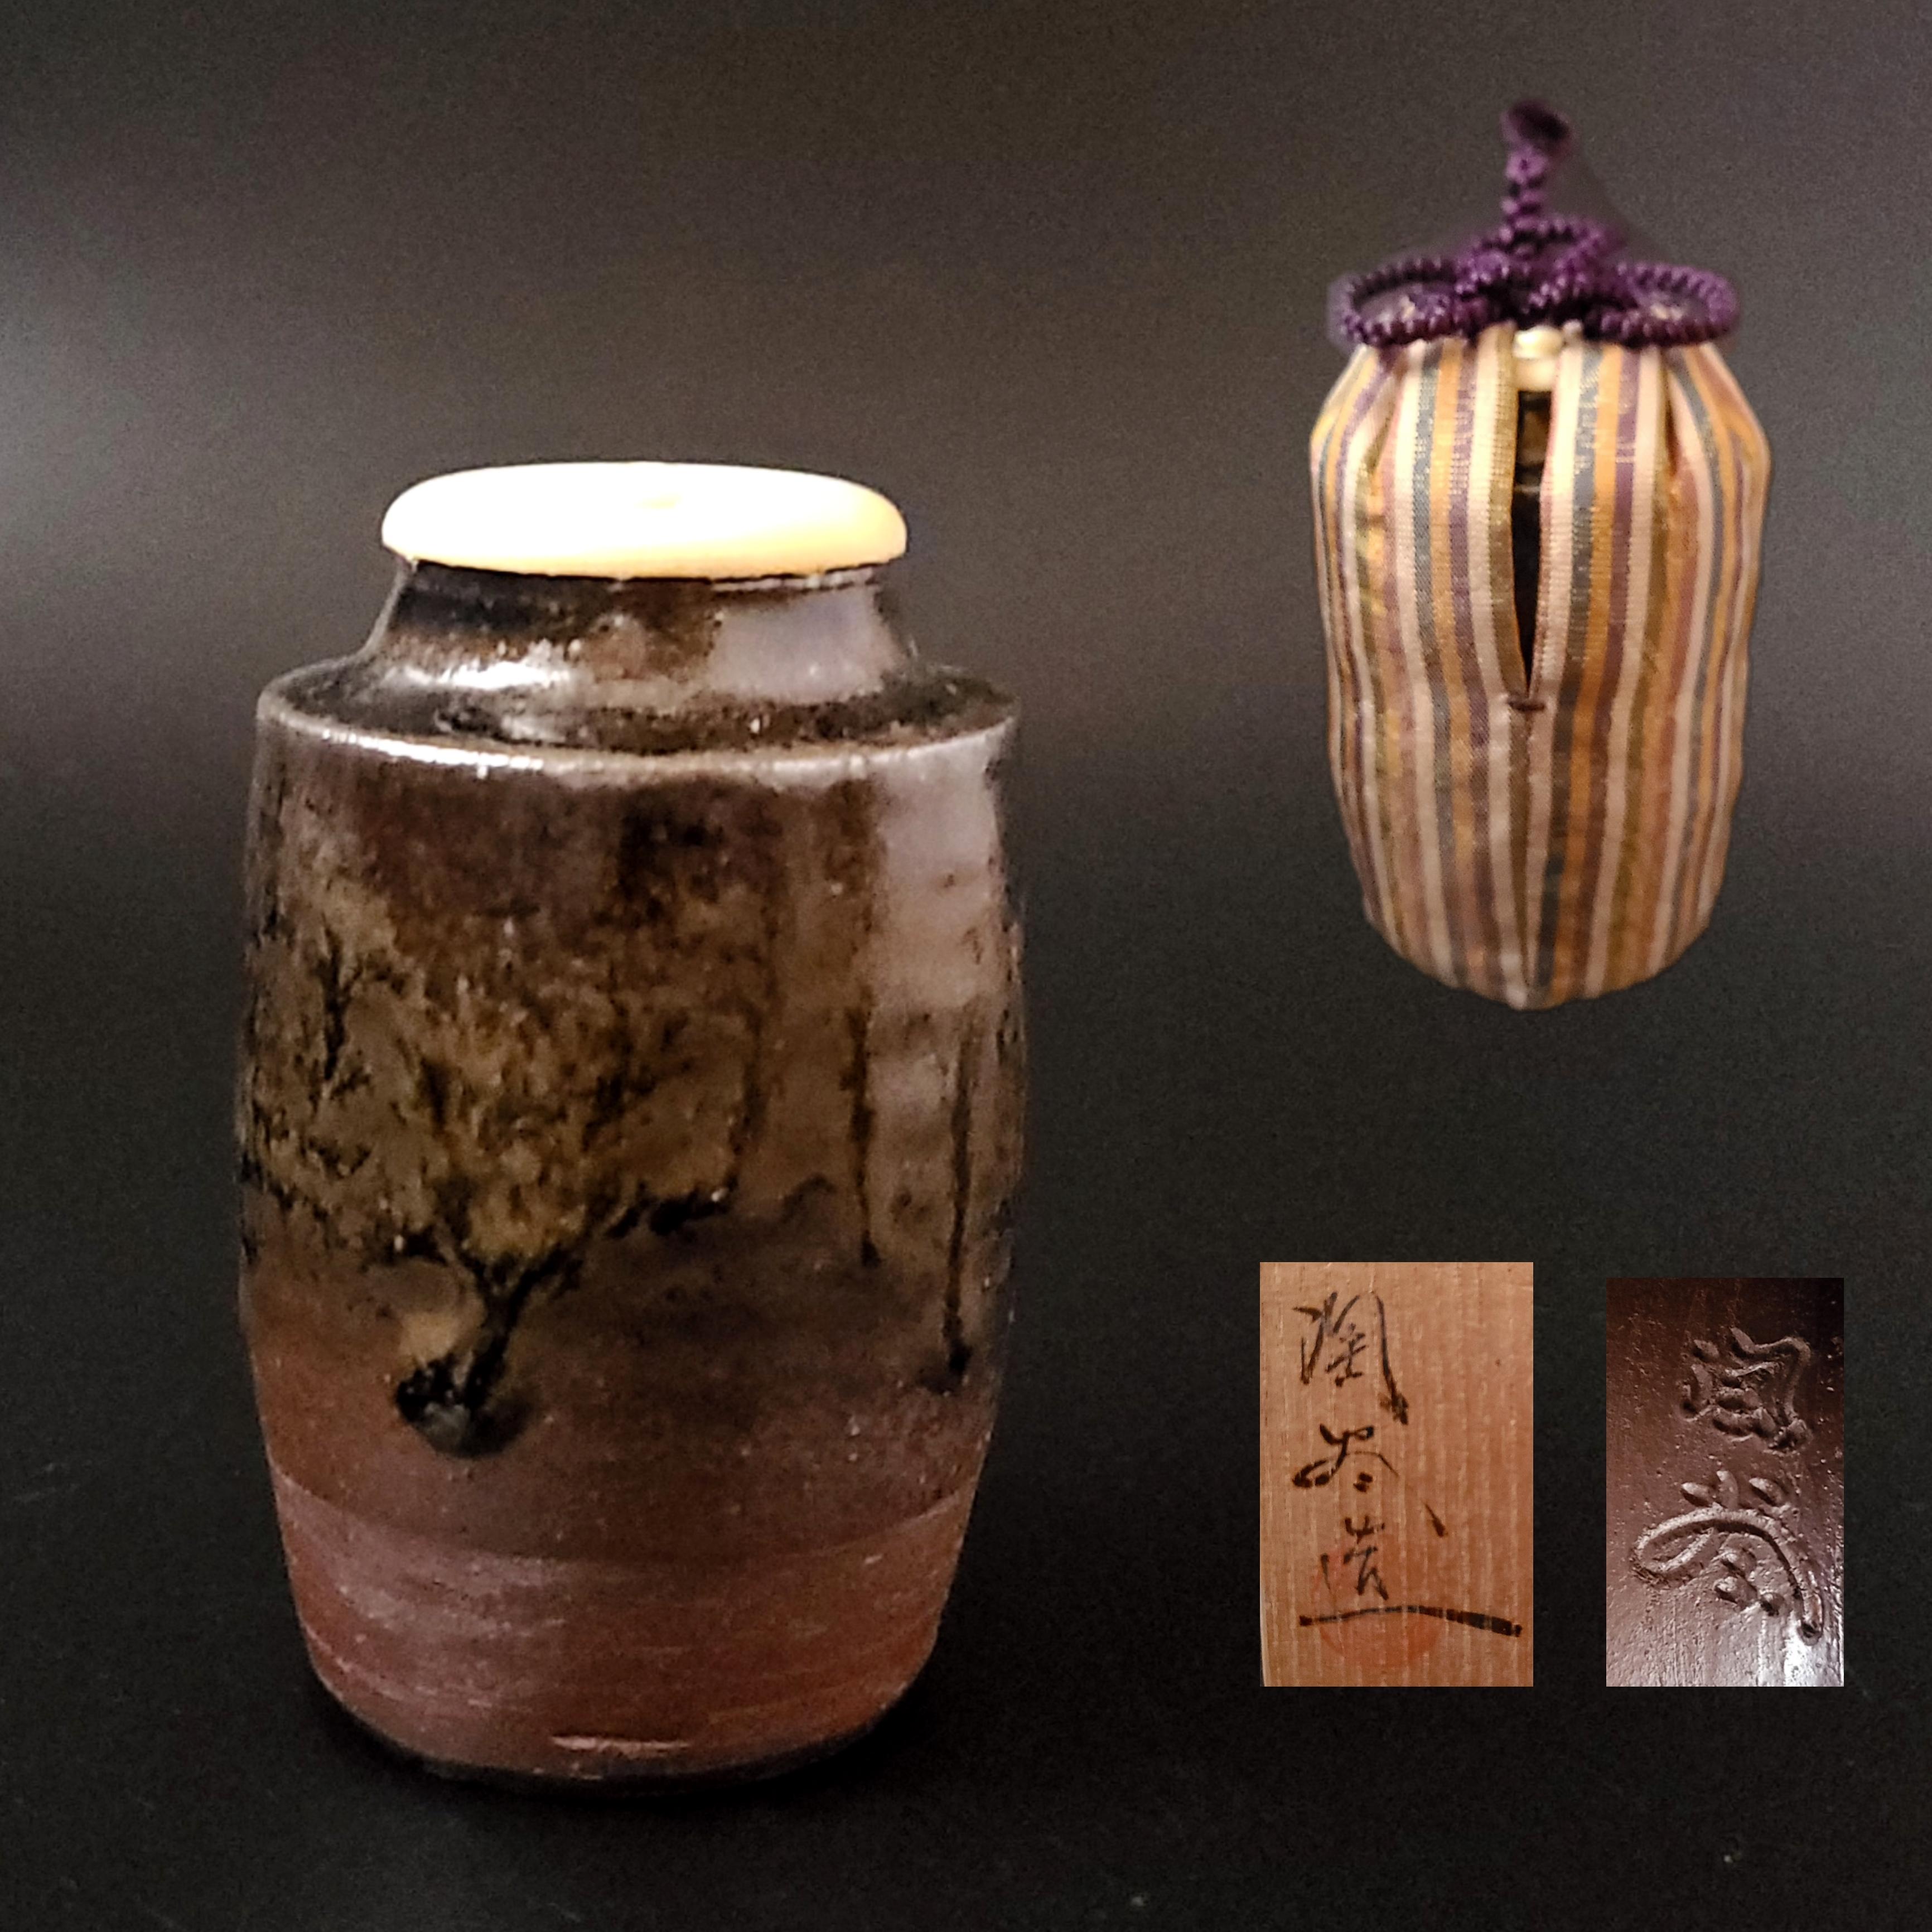 茶道具 丹波焼 肩付 茶入 森本陶谷 共箱 仕服付 陶芸 茶器 濃茶 中古